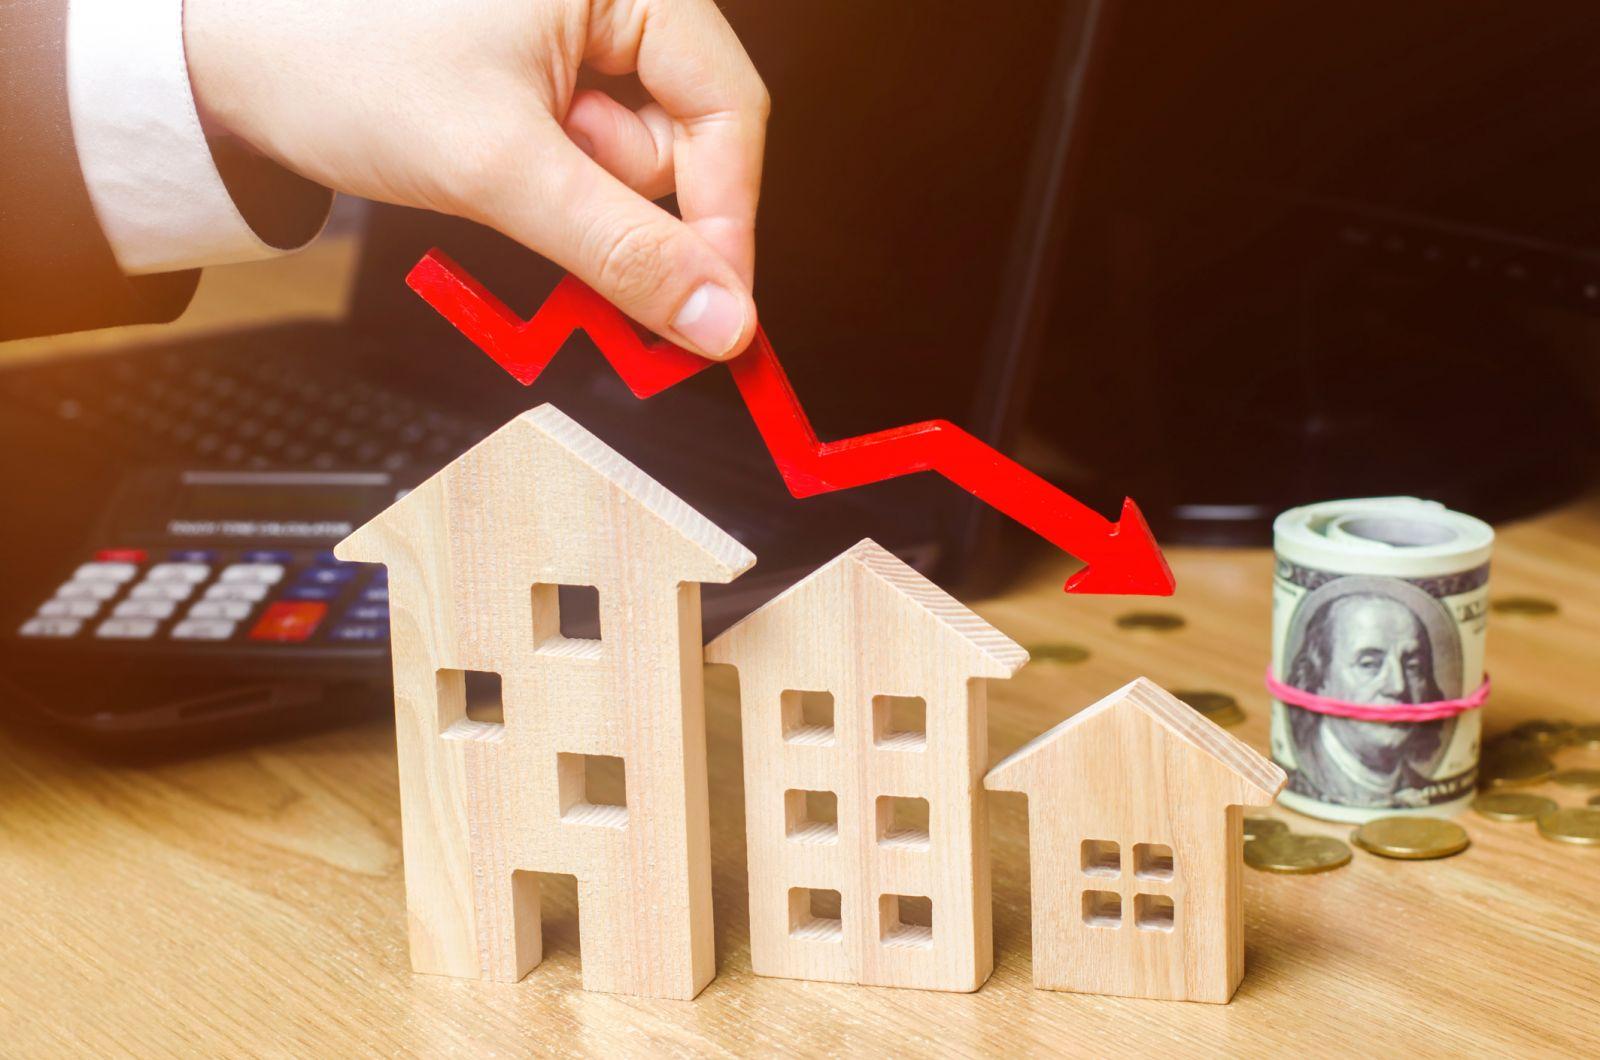 Рост экономики Украины оказался выше прогноза, – НБУ